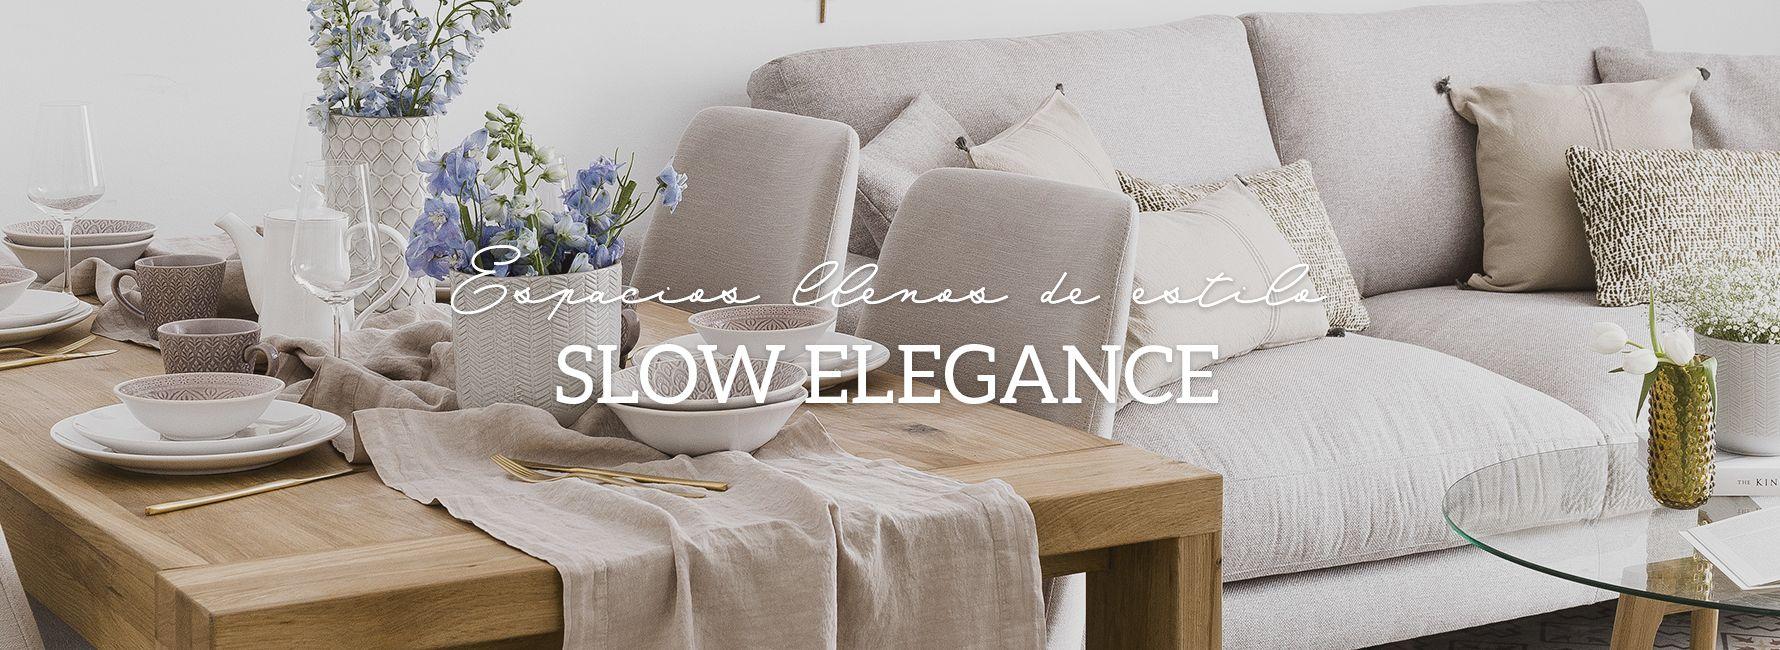 Tienda de muebles y decoración estilos vintage y nórdico - Kenay Home